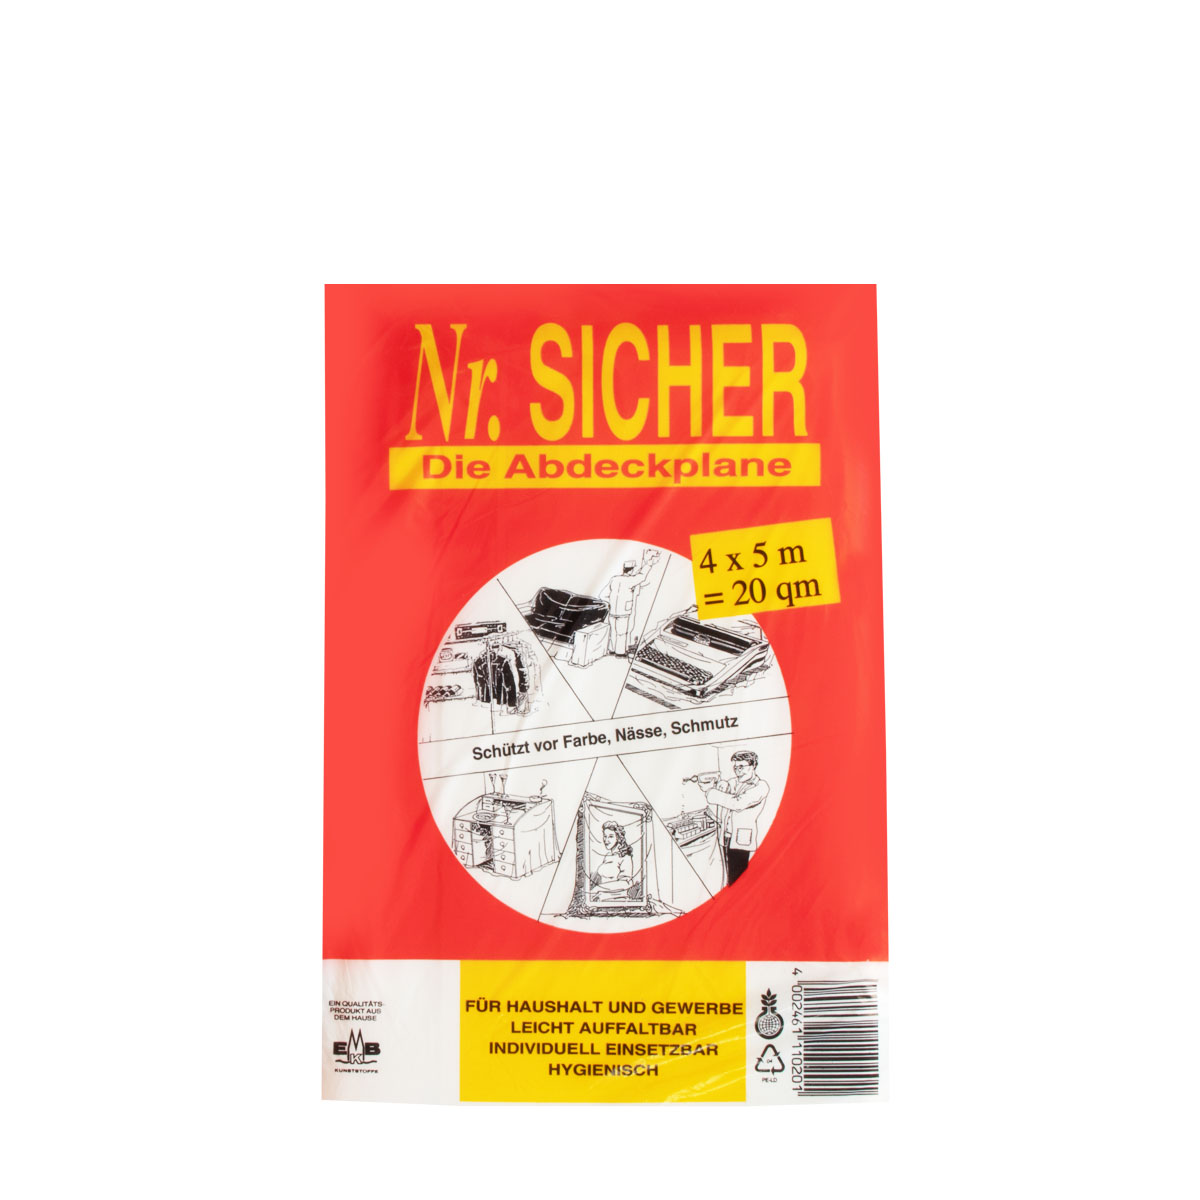 Abdeckfolie, Abdeckplane PE 10my ,NR Sicher, 4x5m (20qm), Die Abdeckplane